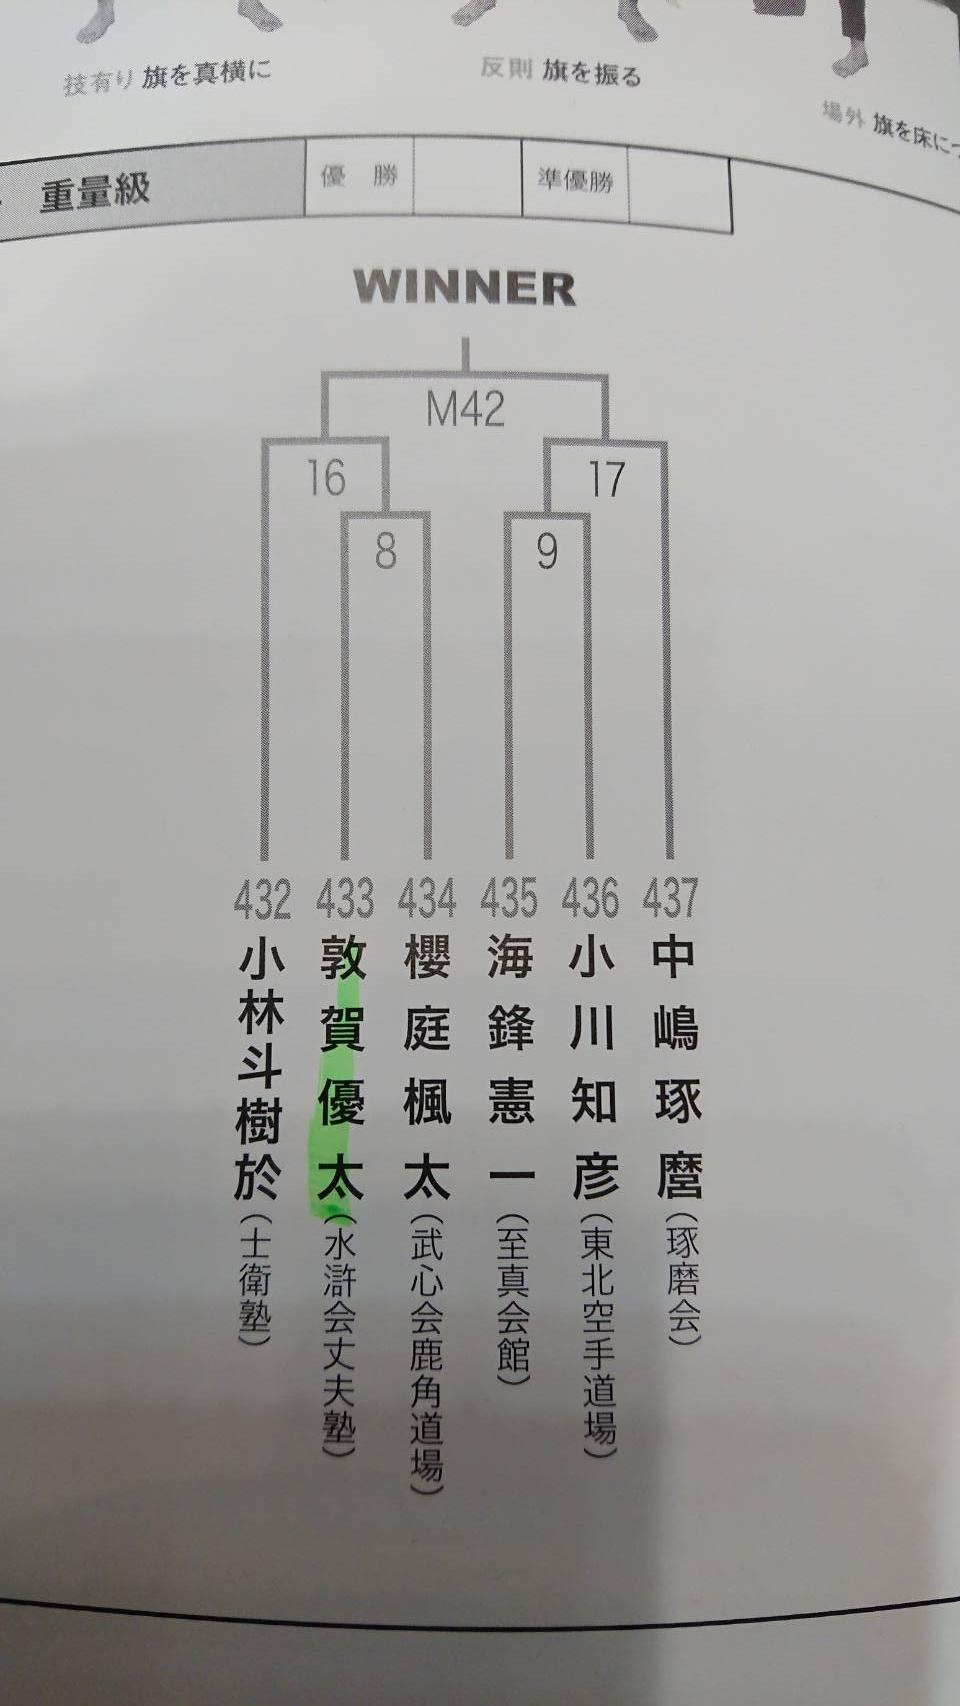 22171.jpg